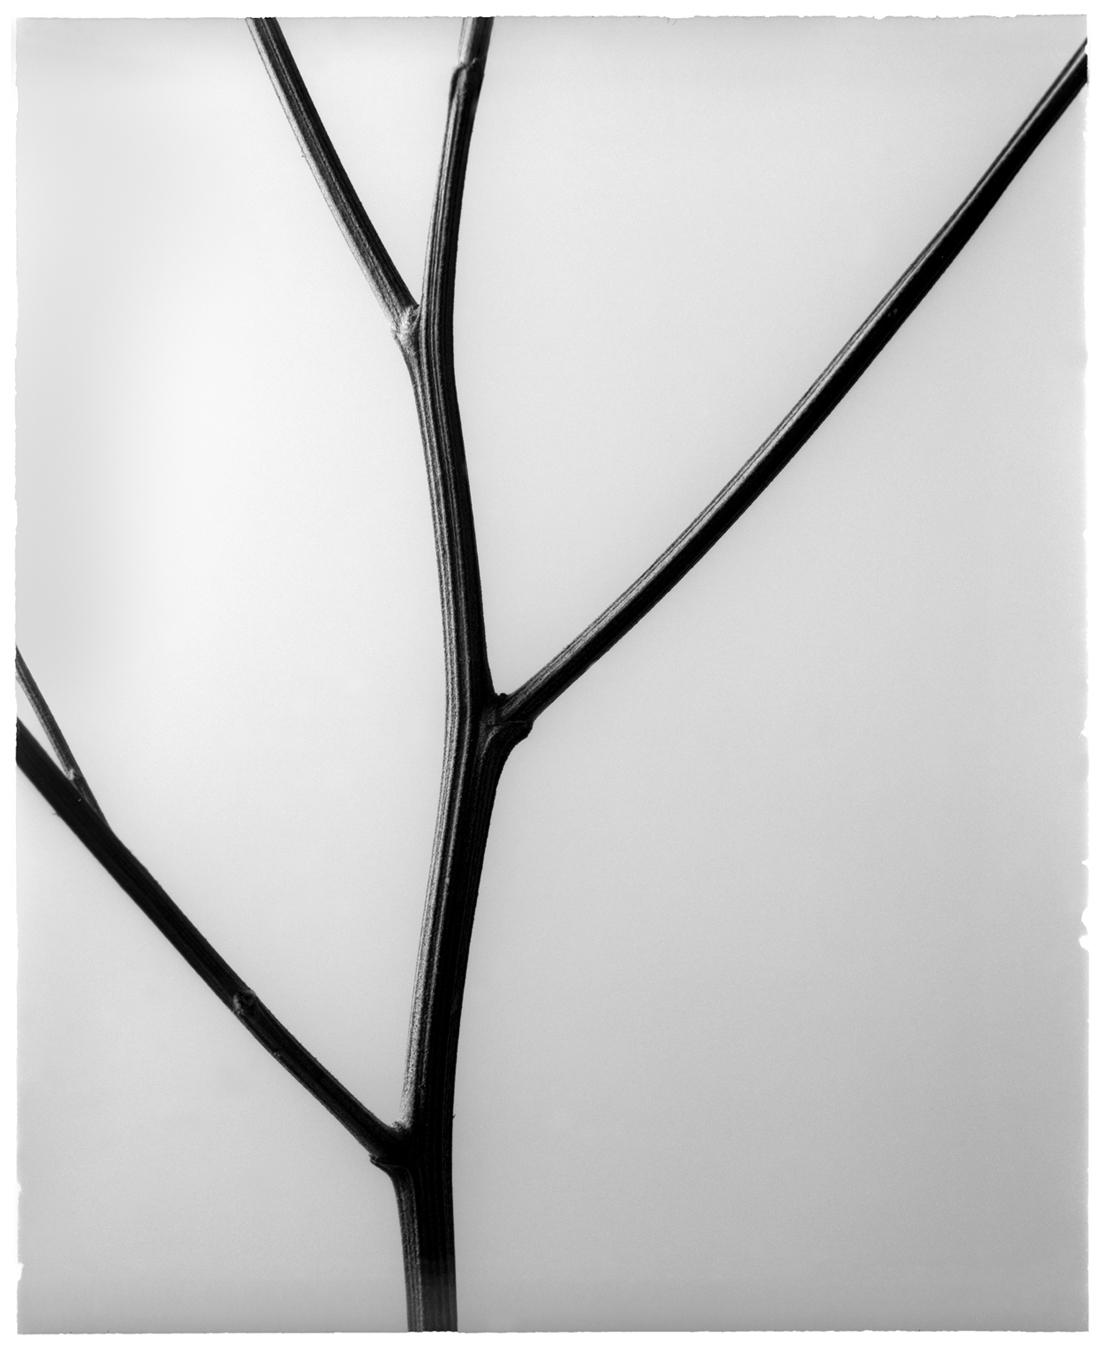 Medium Format Analogue Photography